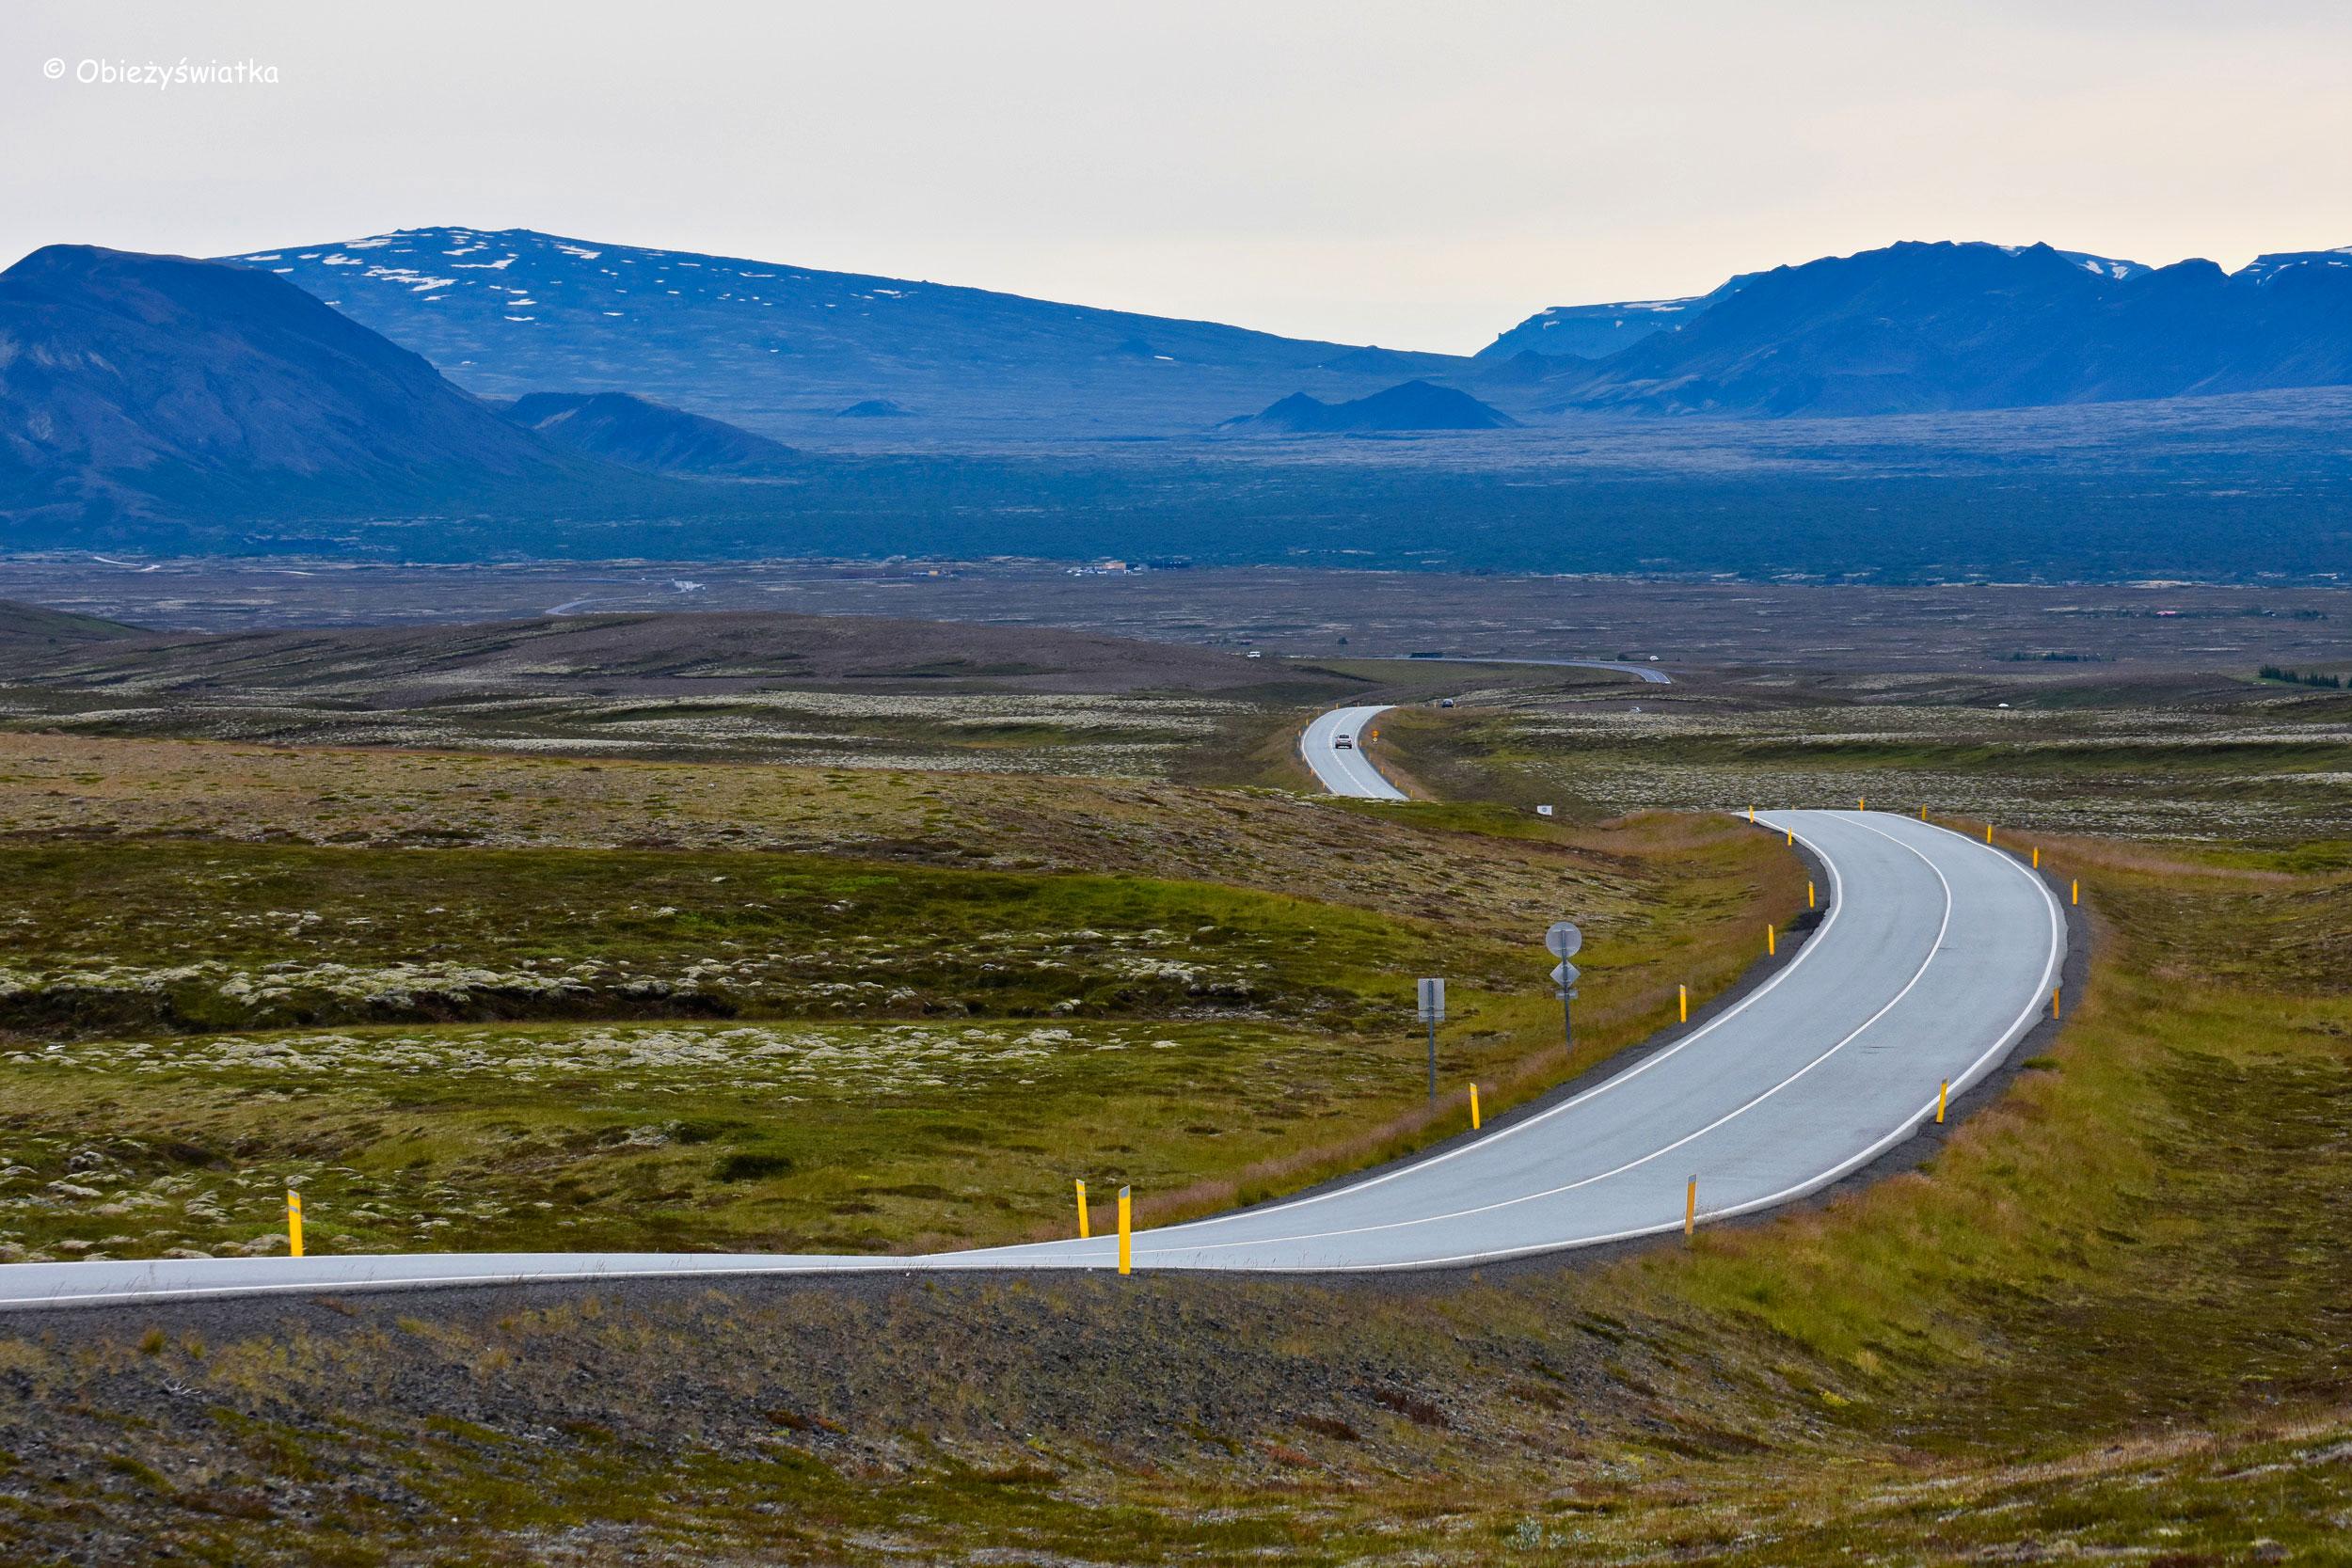 Podróżując po Islandii